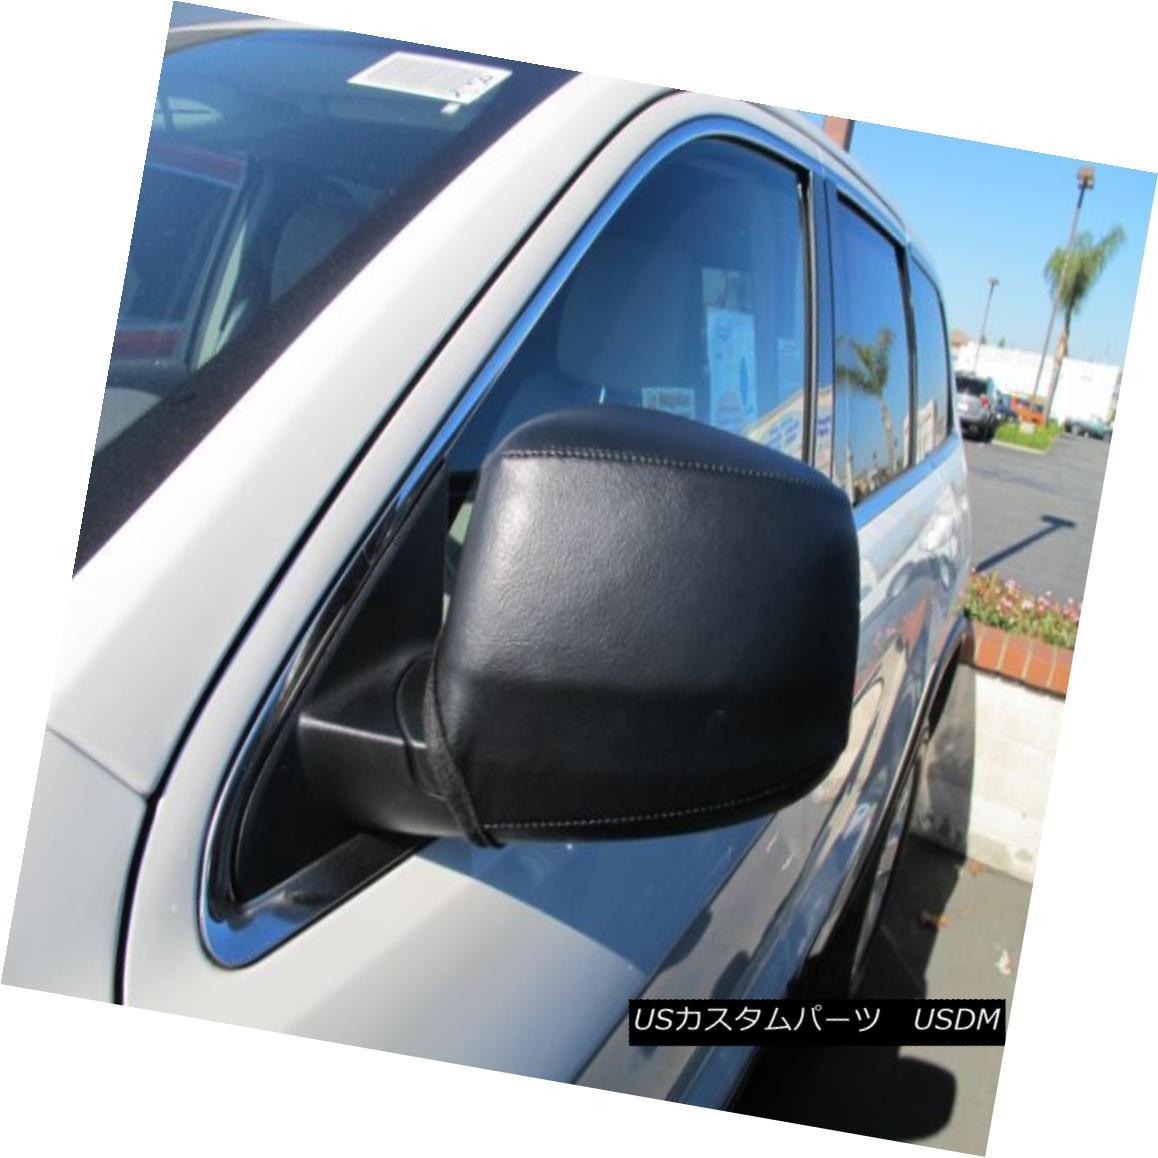 フルブラ ノーズブラ Colgan Car Mirror Covers Bra Protector Black Fits 2011-12 DURANGO EXPRESS, CREW, コルガン車のミラーカバーは、2011年12月にブラジャープロテクターブラックフィットDURANGO EXPRESS、CREW、